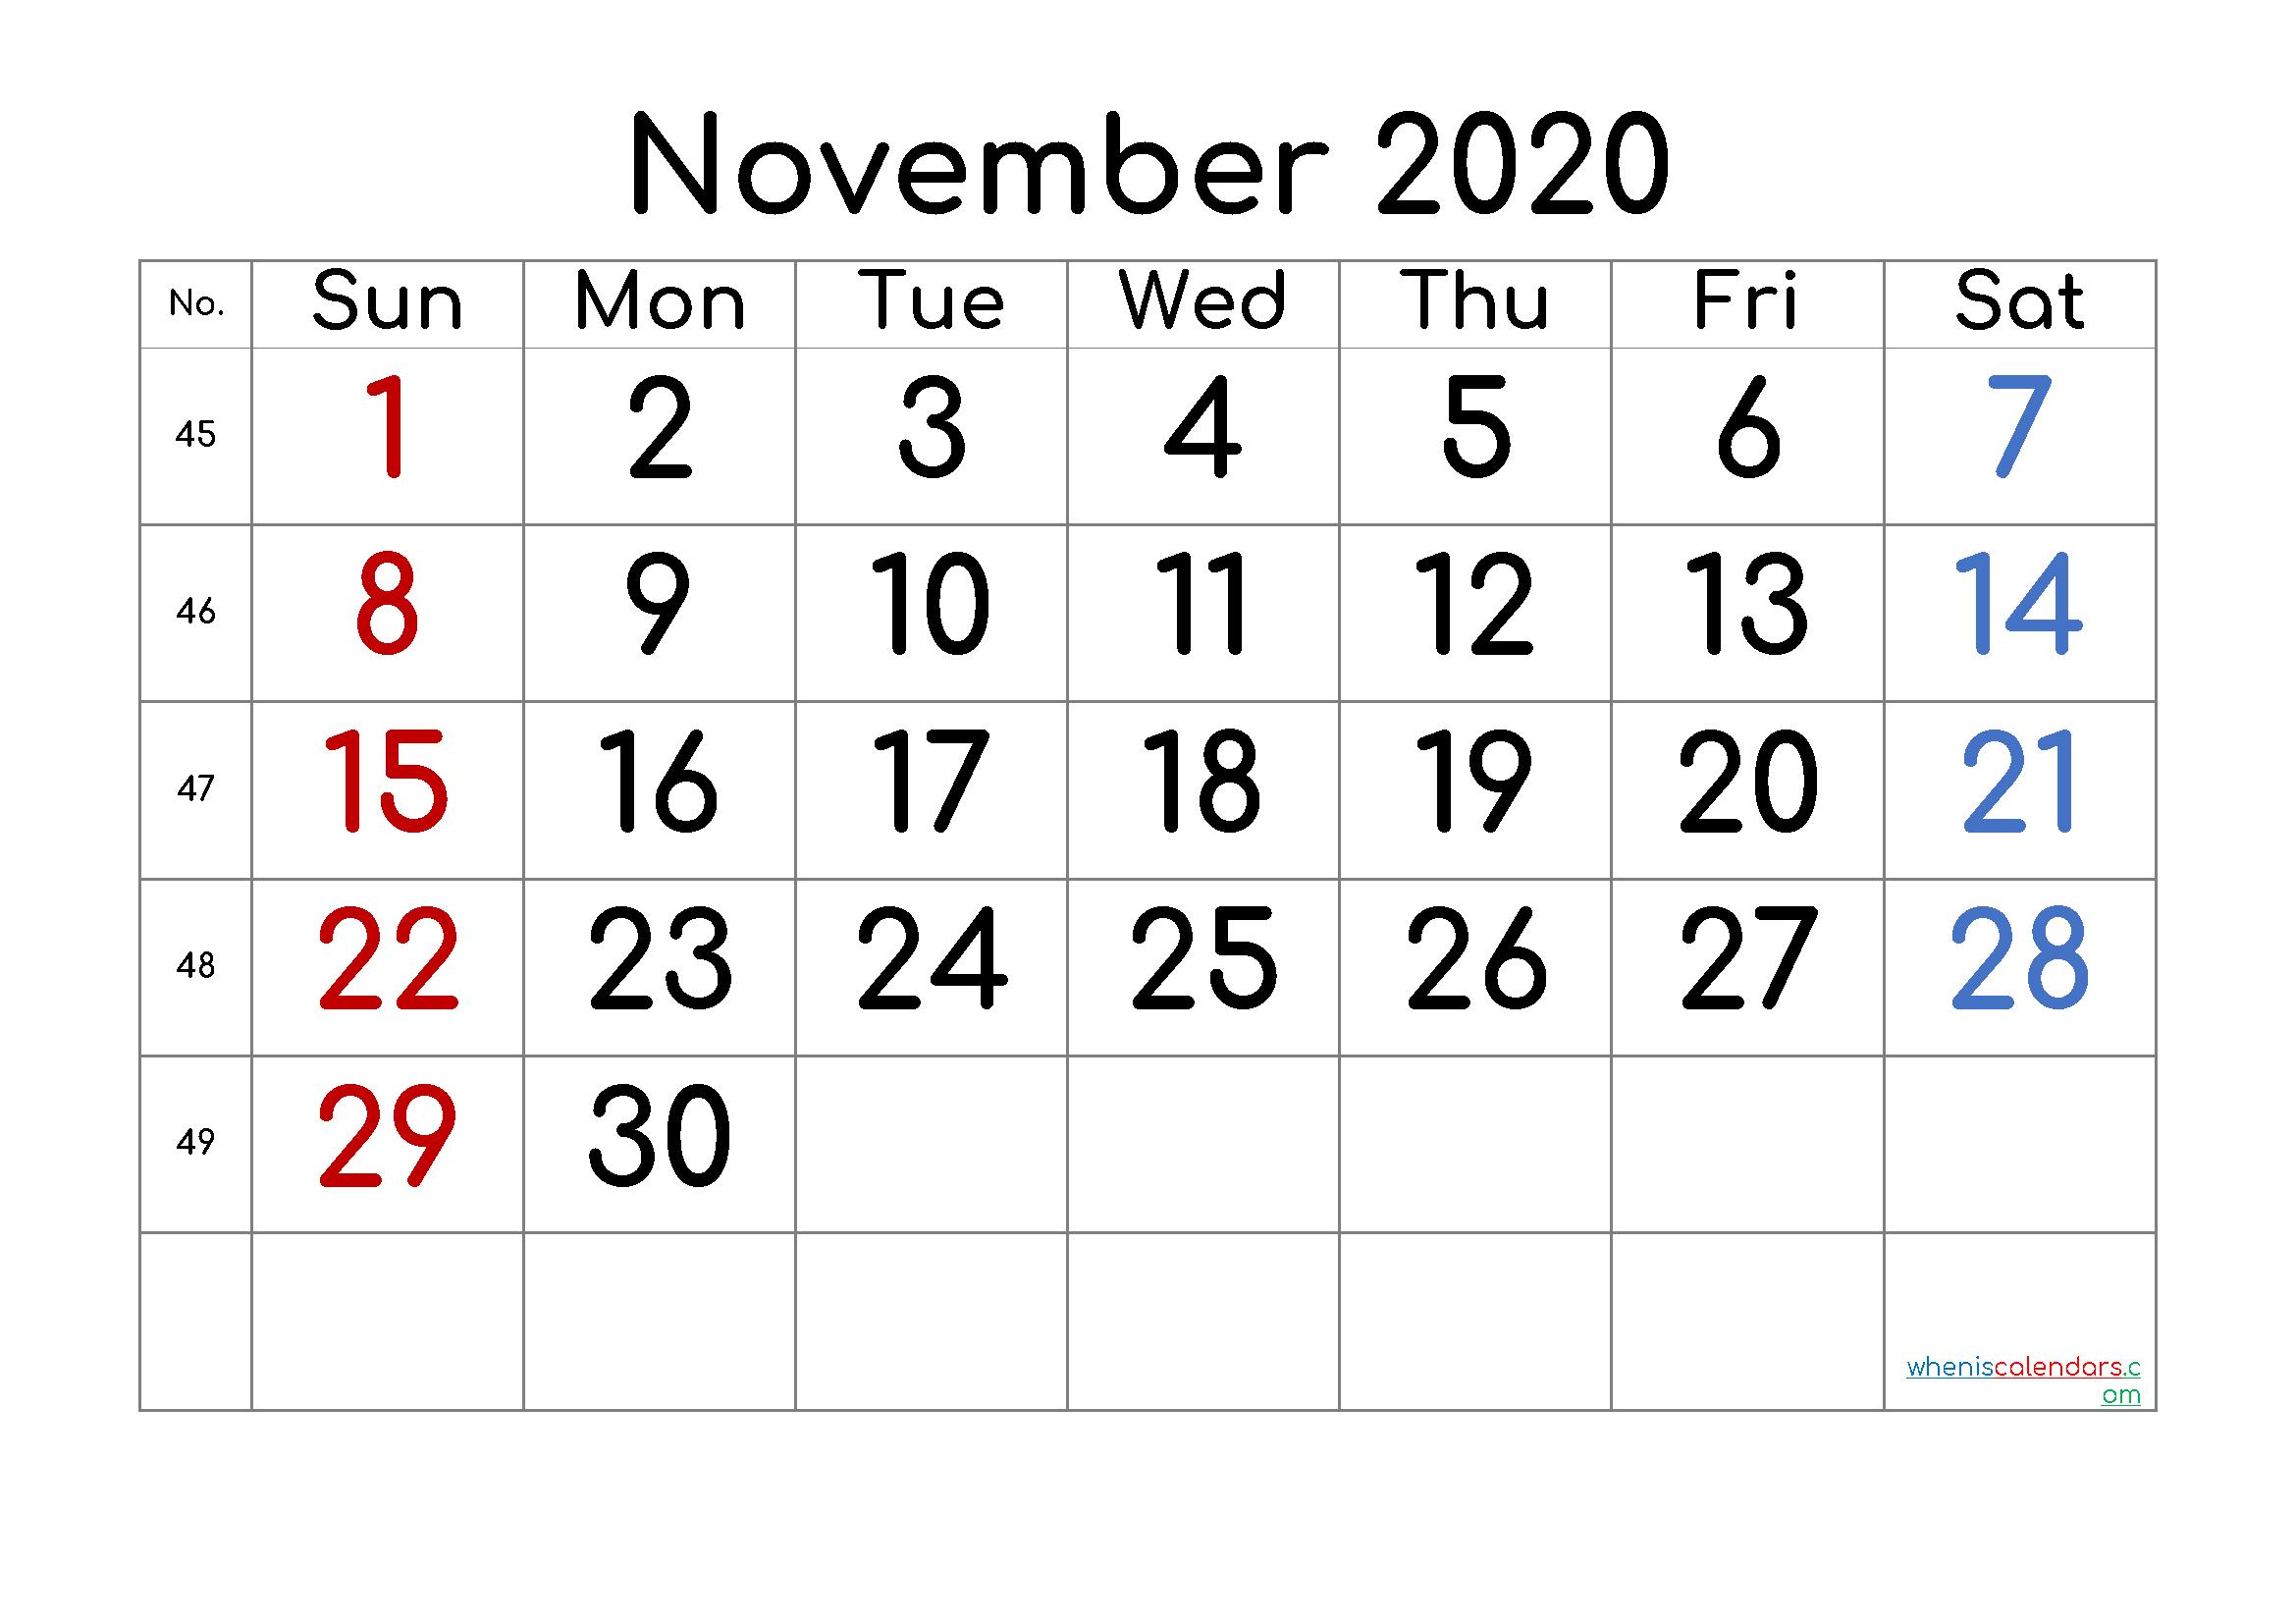 November 2020 Printable Calendar with Week Numbers